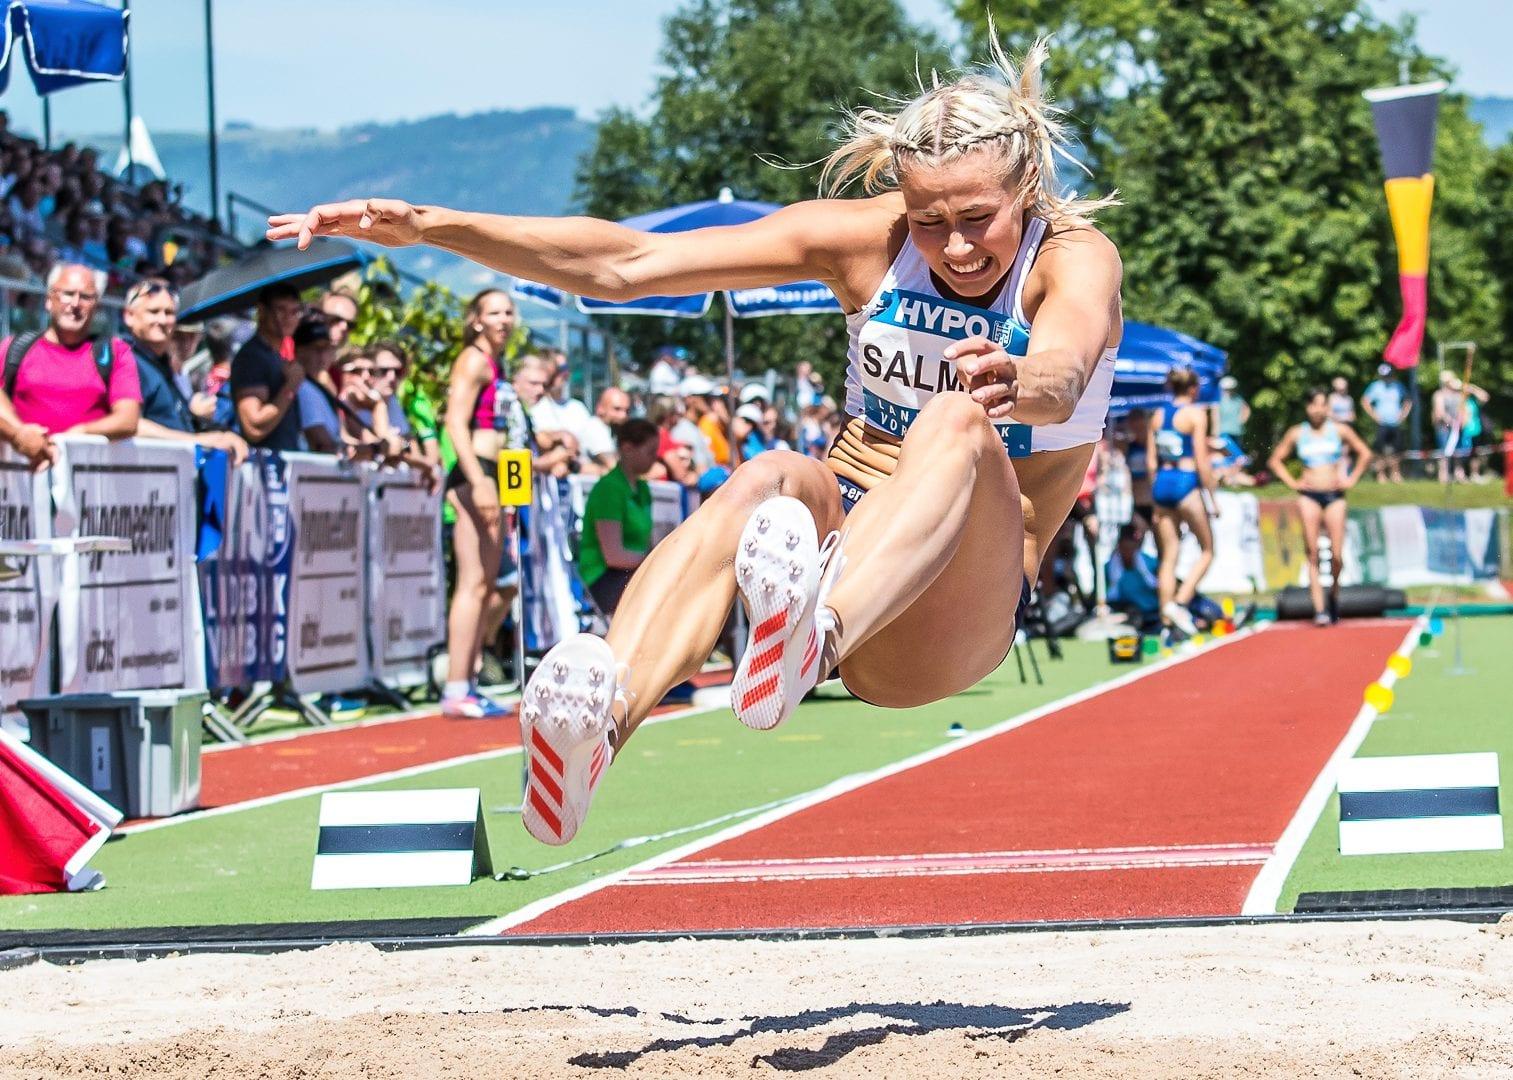 Goetzis, Oesterreich, 28.5.2017, Sport,  Leichtathletik - Hypo Meeting Goetzis. Bild zeigt Bianca Salmig (SWE).  28/05/17, Goetzis, Austria, sport, Leichtathletik - Hypo Meeting Goetzis. Image shows Bianca Salmig (SWE).